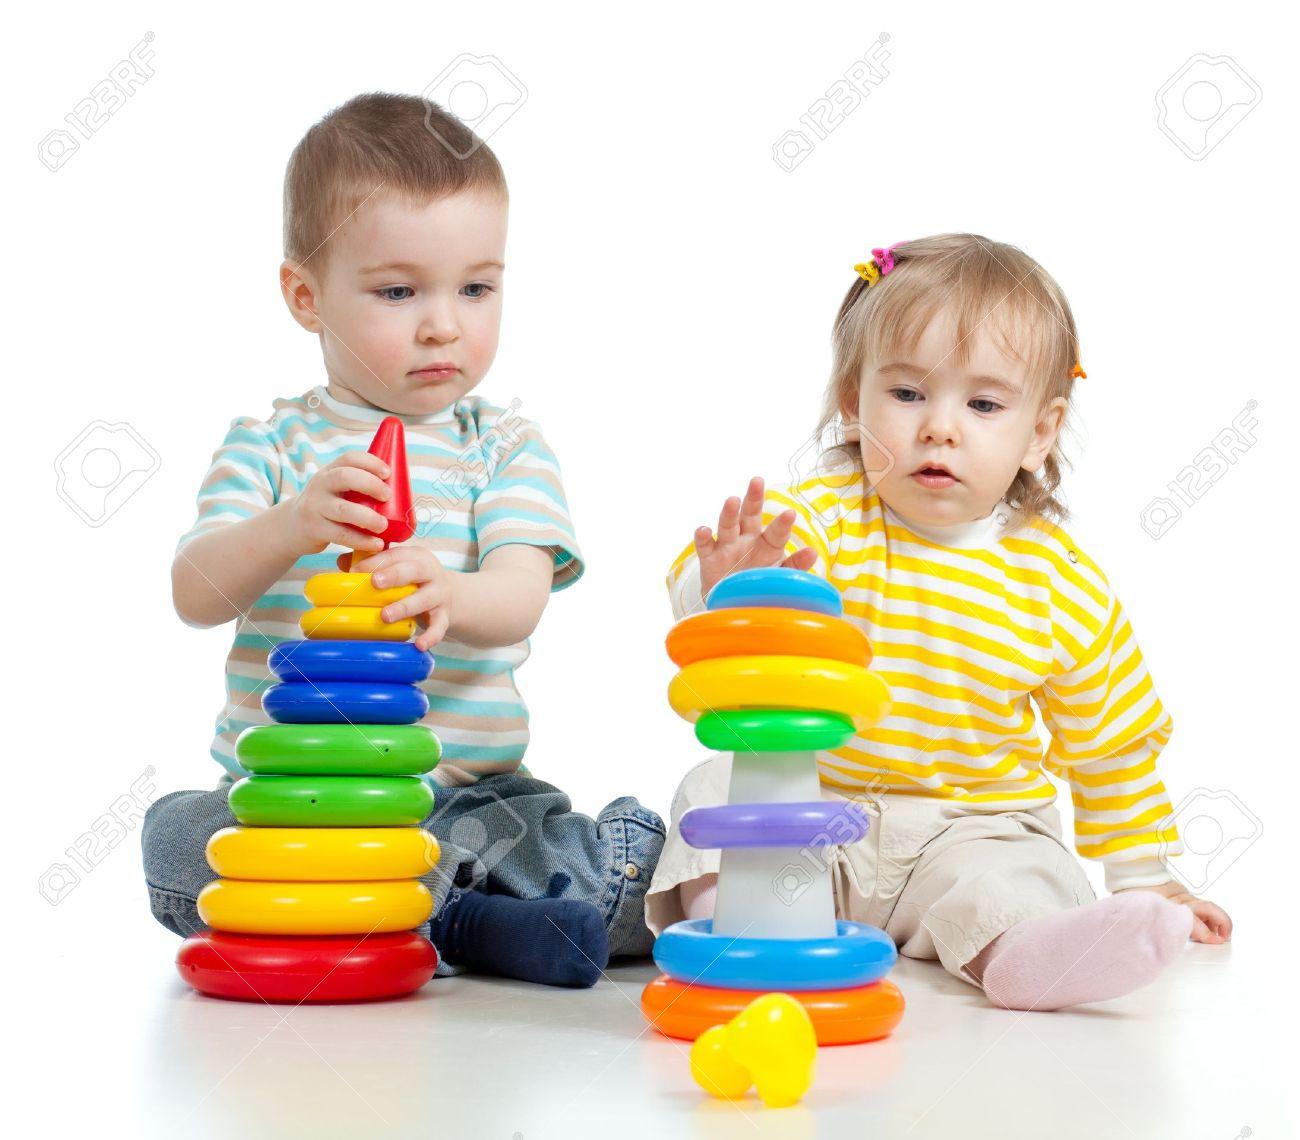 خرید اسباب بازی کودک را با توجه به نکات زیر انجام دهید!